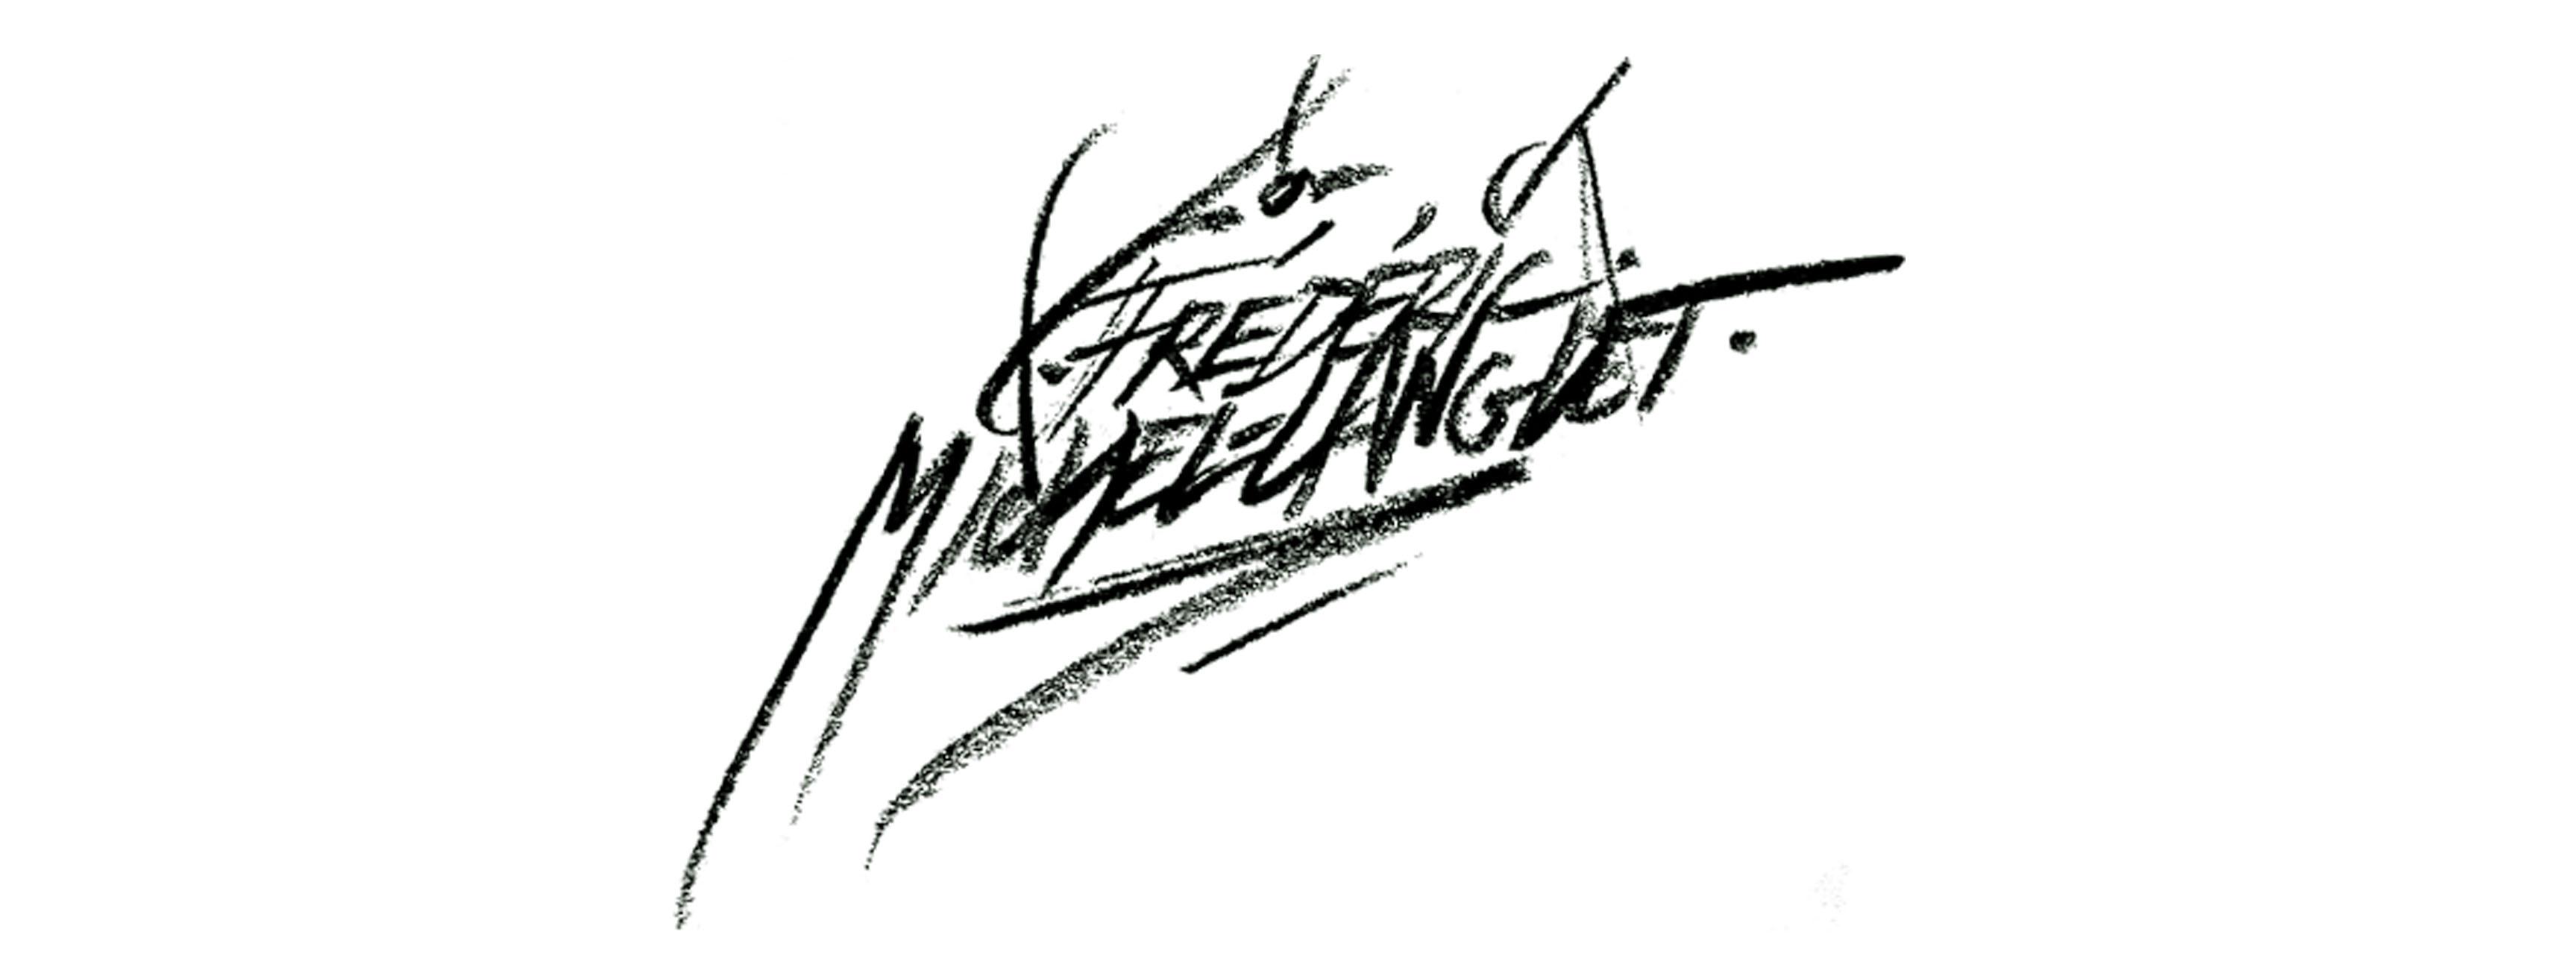 signature de frédéric michel-langlet